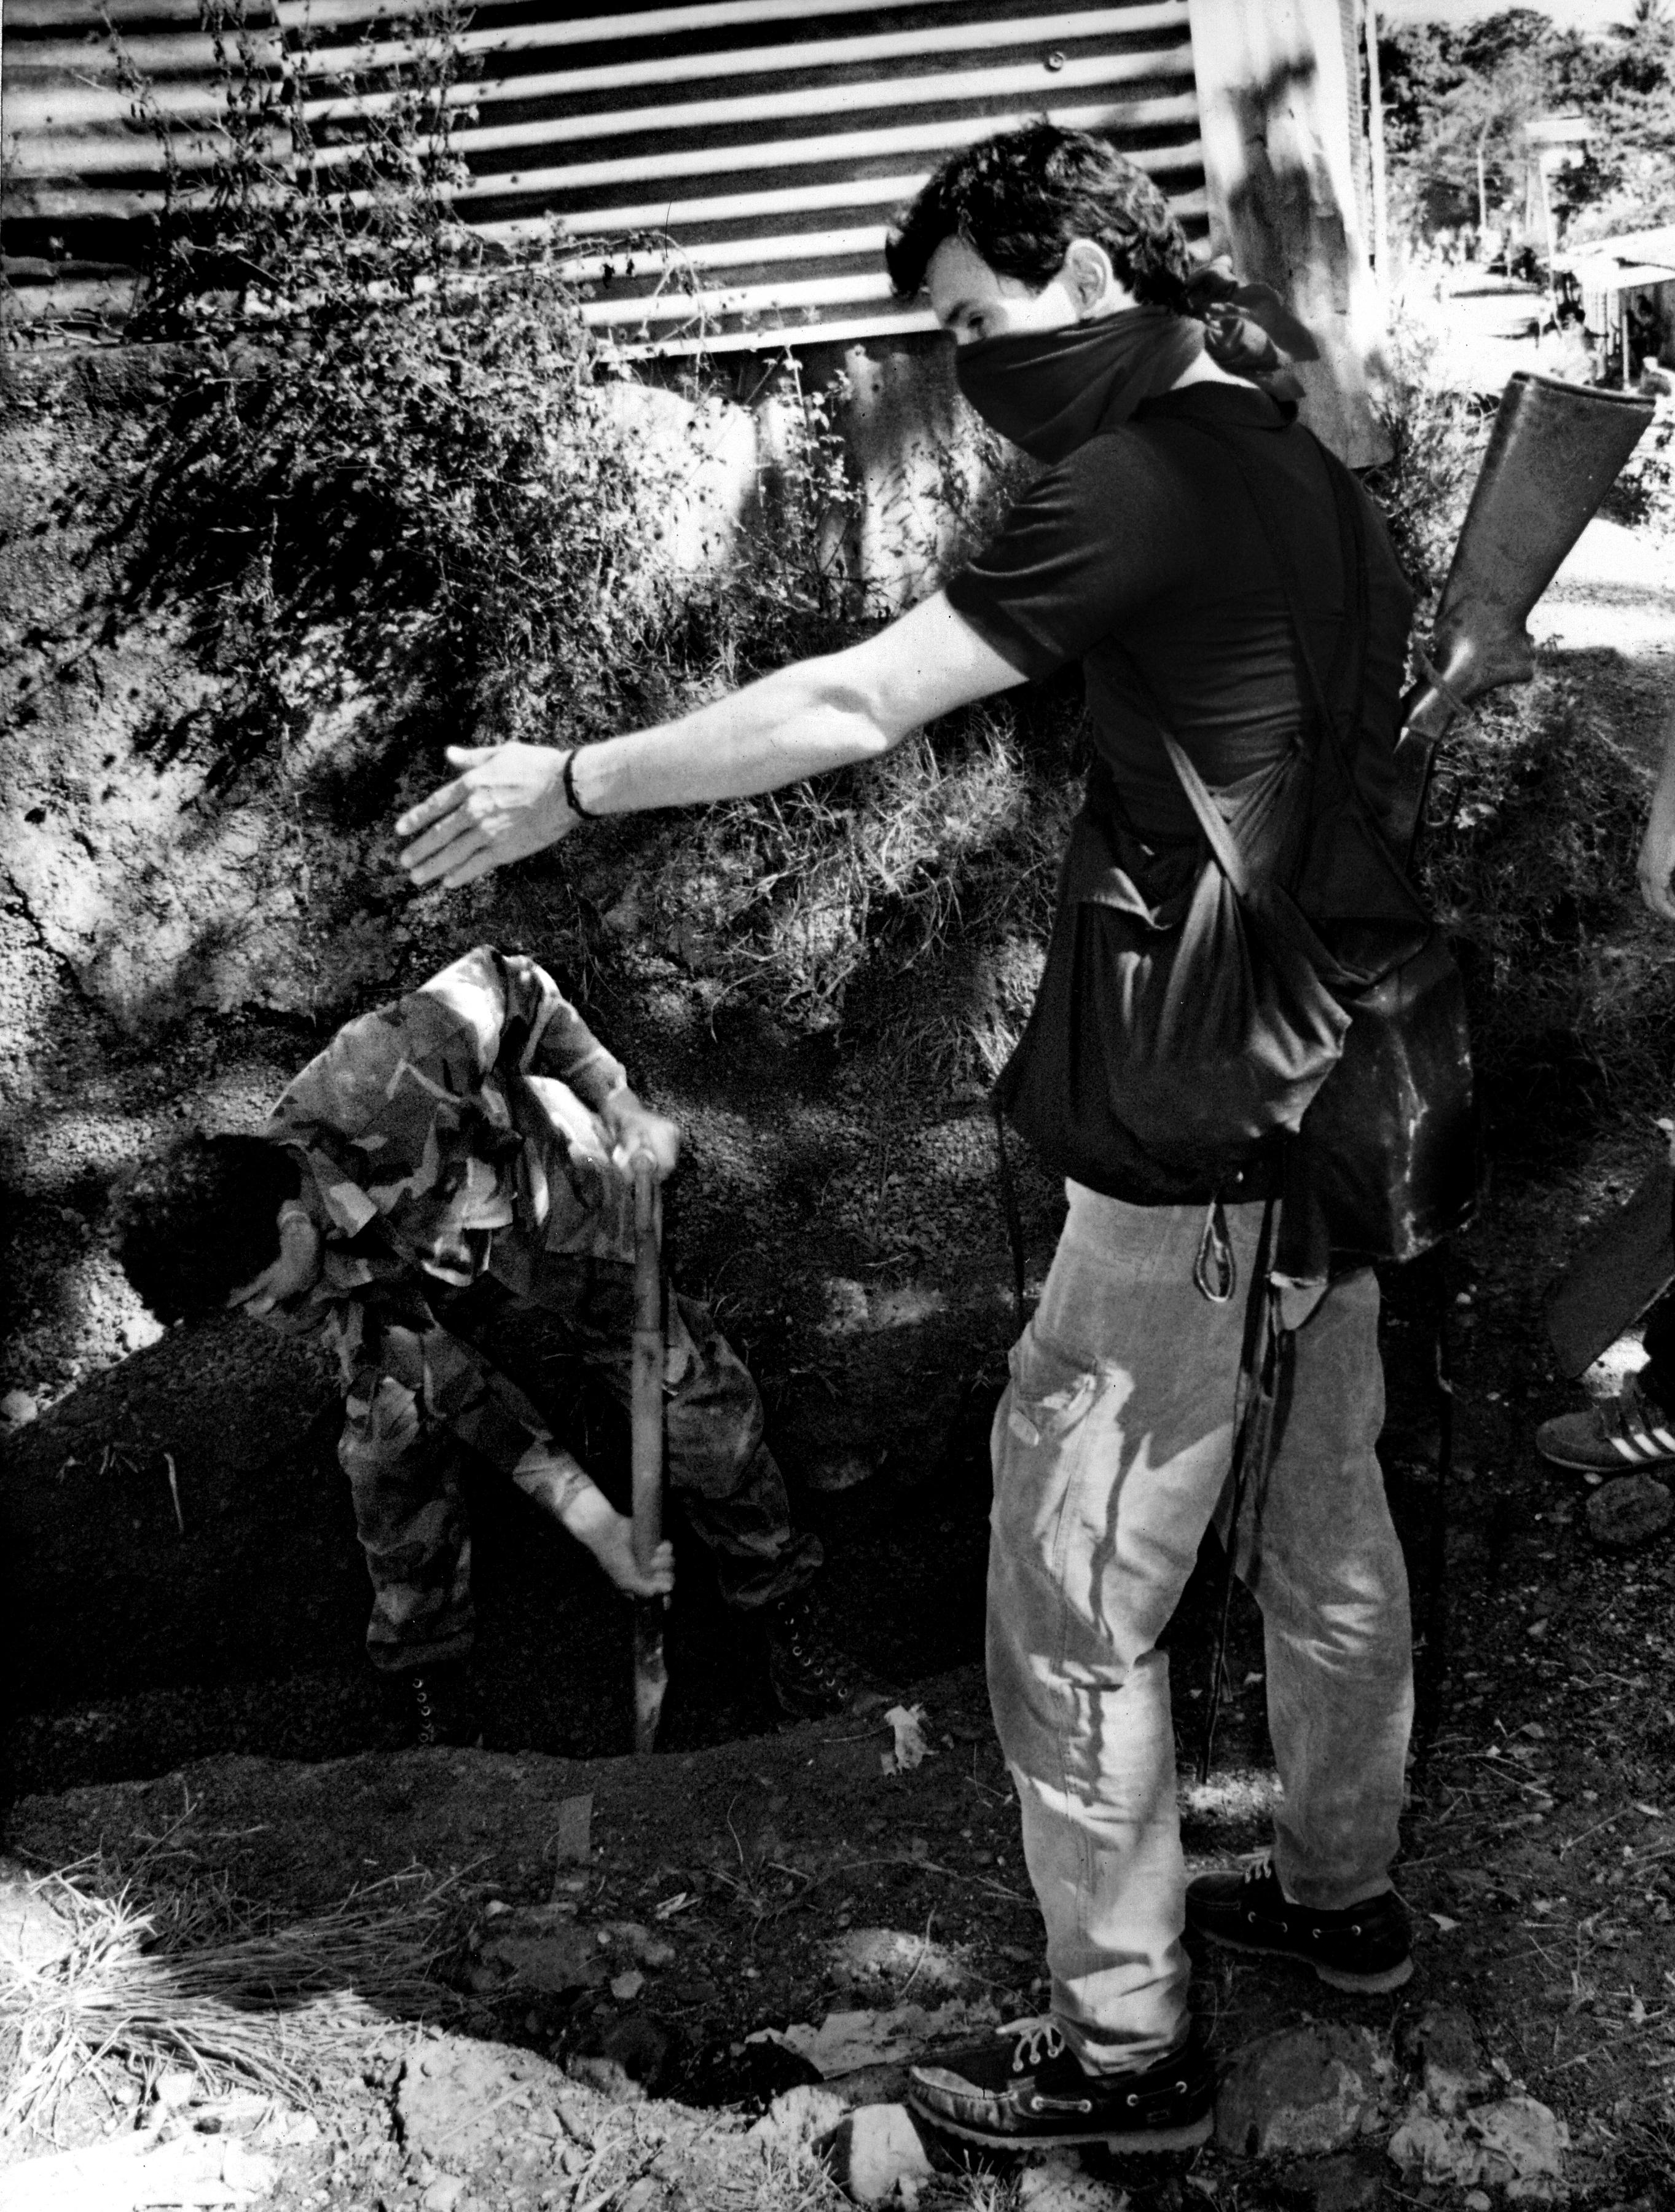 Un guerrillero obliga a un soldado a cavar una trinchera. Ofensiva de noviembre de 1989. Foto archivo personal de Francisco Campos.